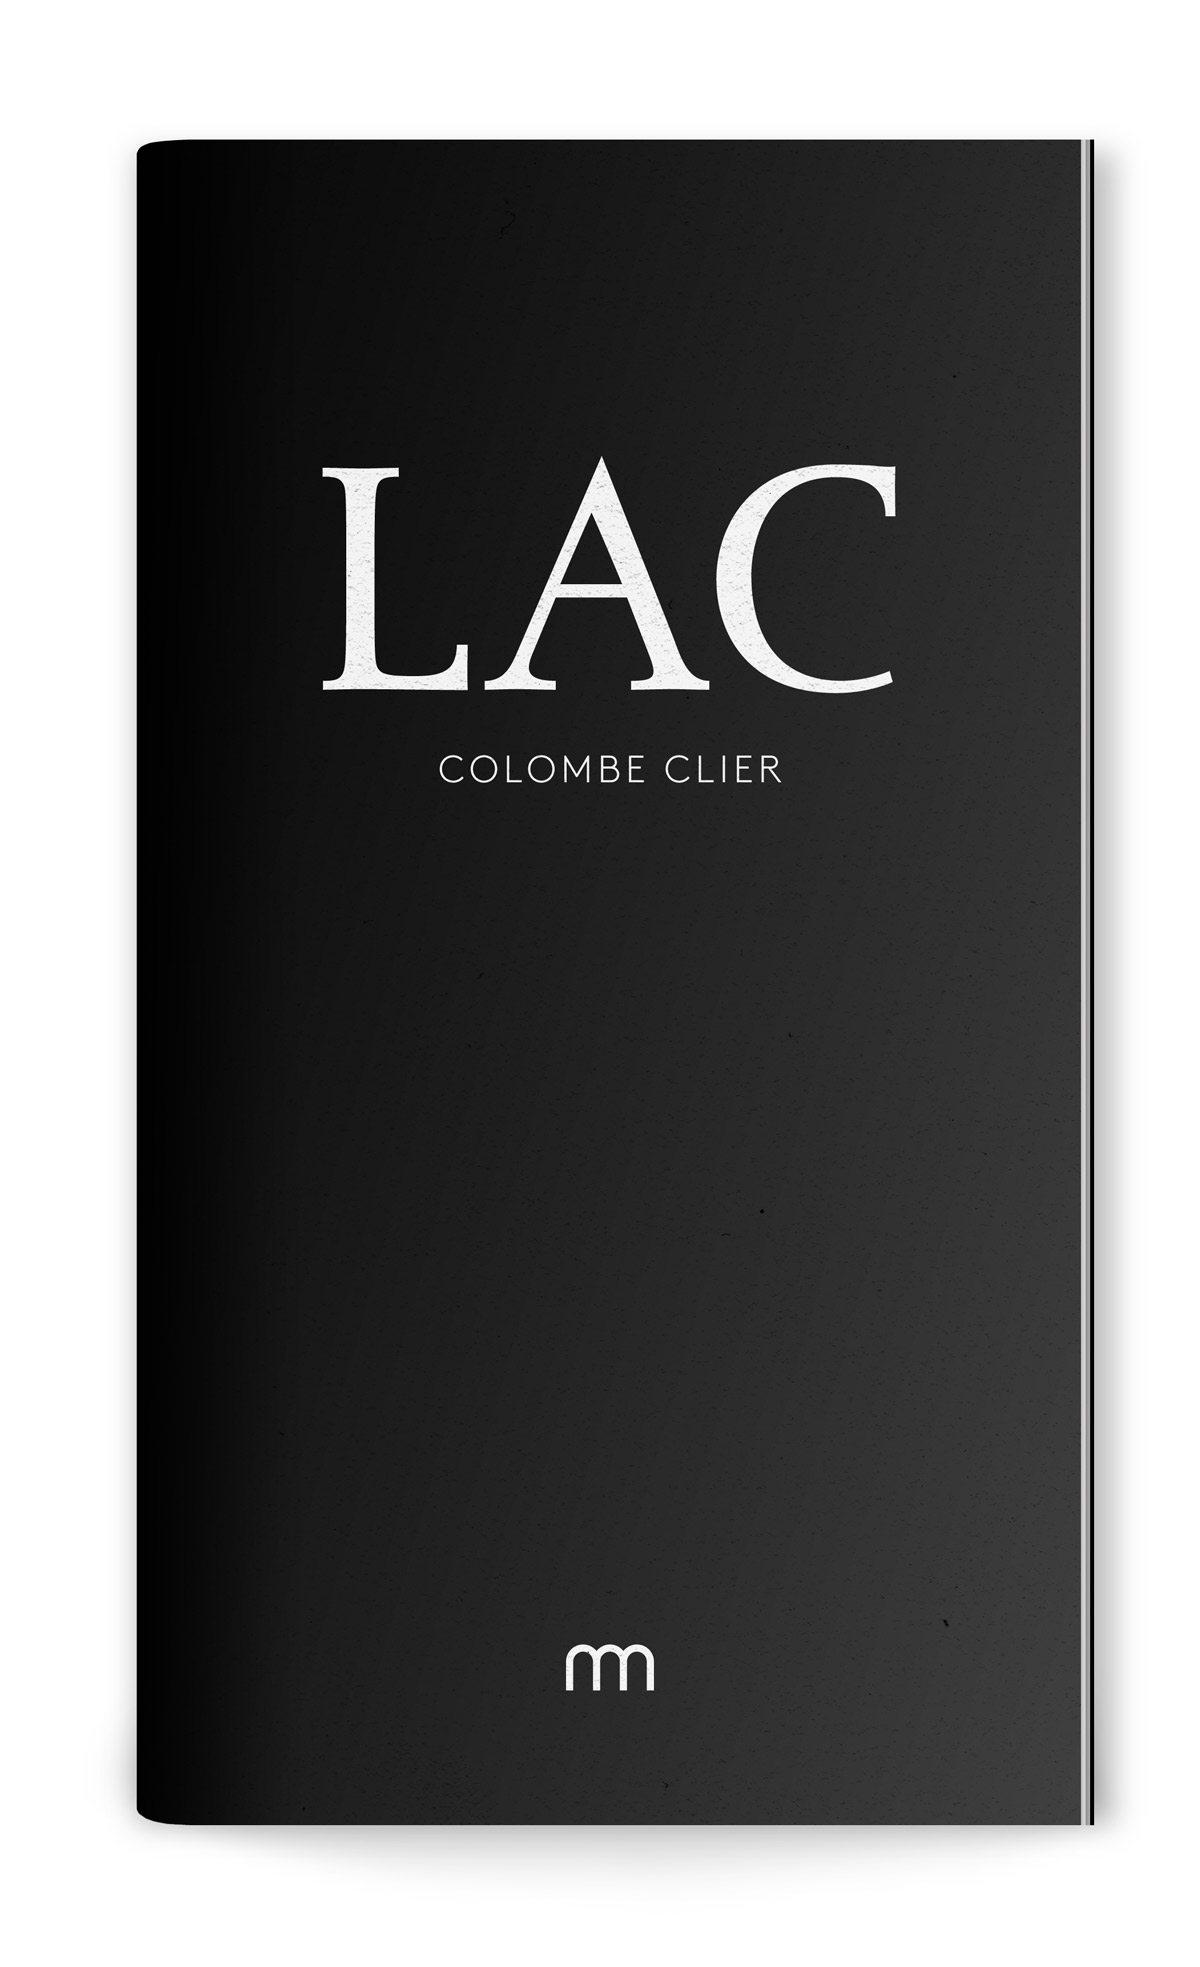 Catalogue de l'exposition Lac de Colombe Clier, couverture noire mat, typographie en marquage à chaud blanc, design Ich&Kar